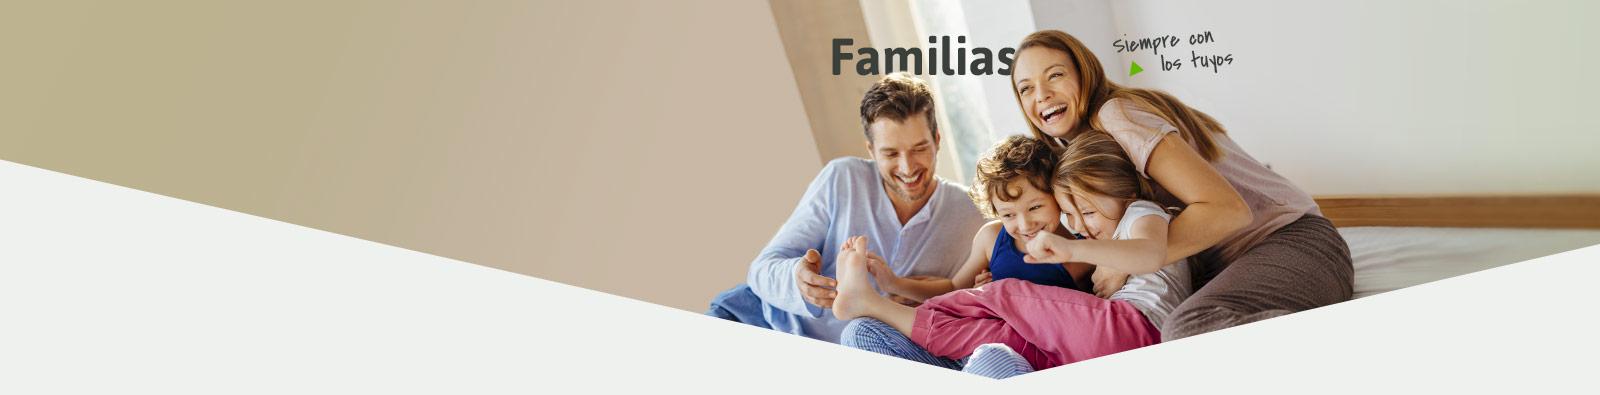 Viajes para familias hoteles vuelos y trenes viajes el for Hoteles para familias